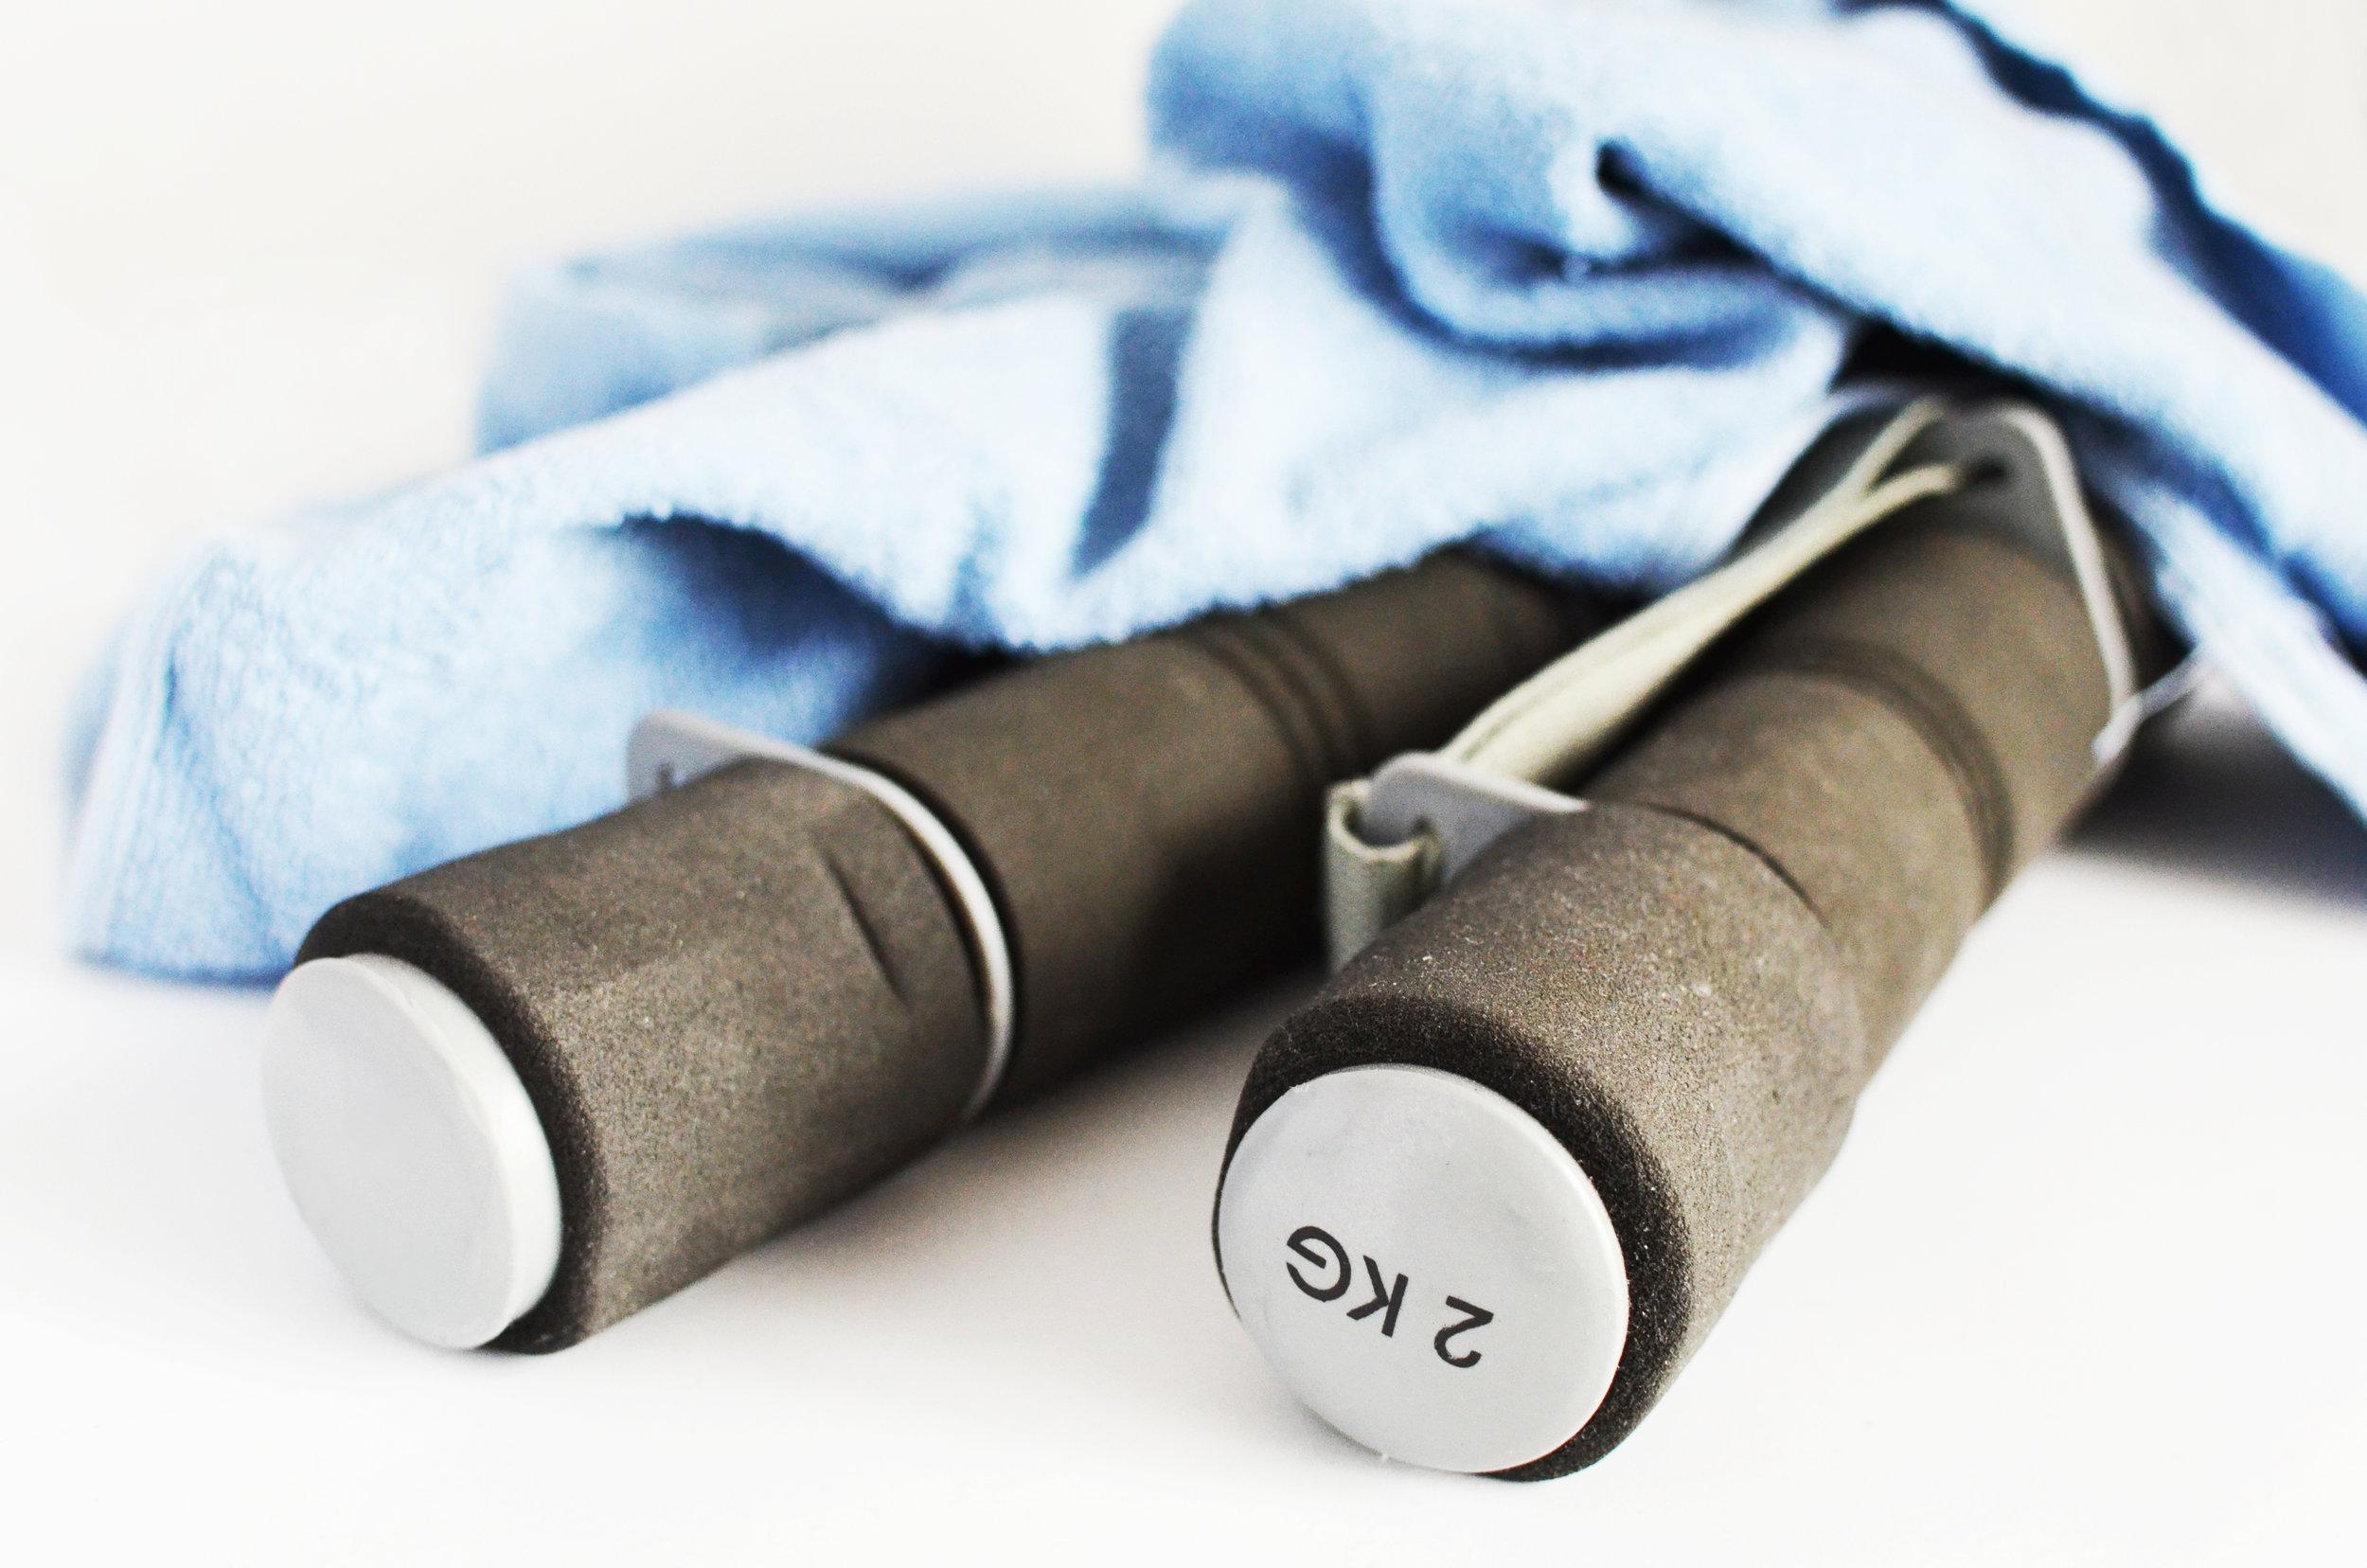 sport-fitness-workout-resolution.jpg